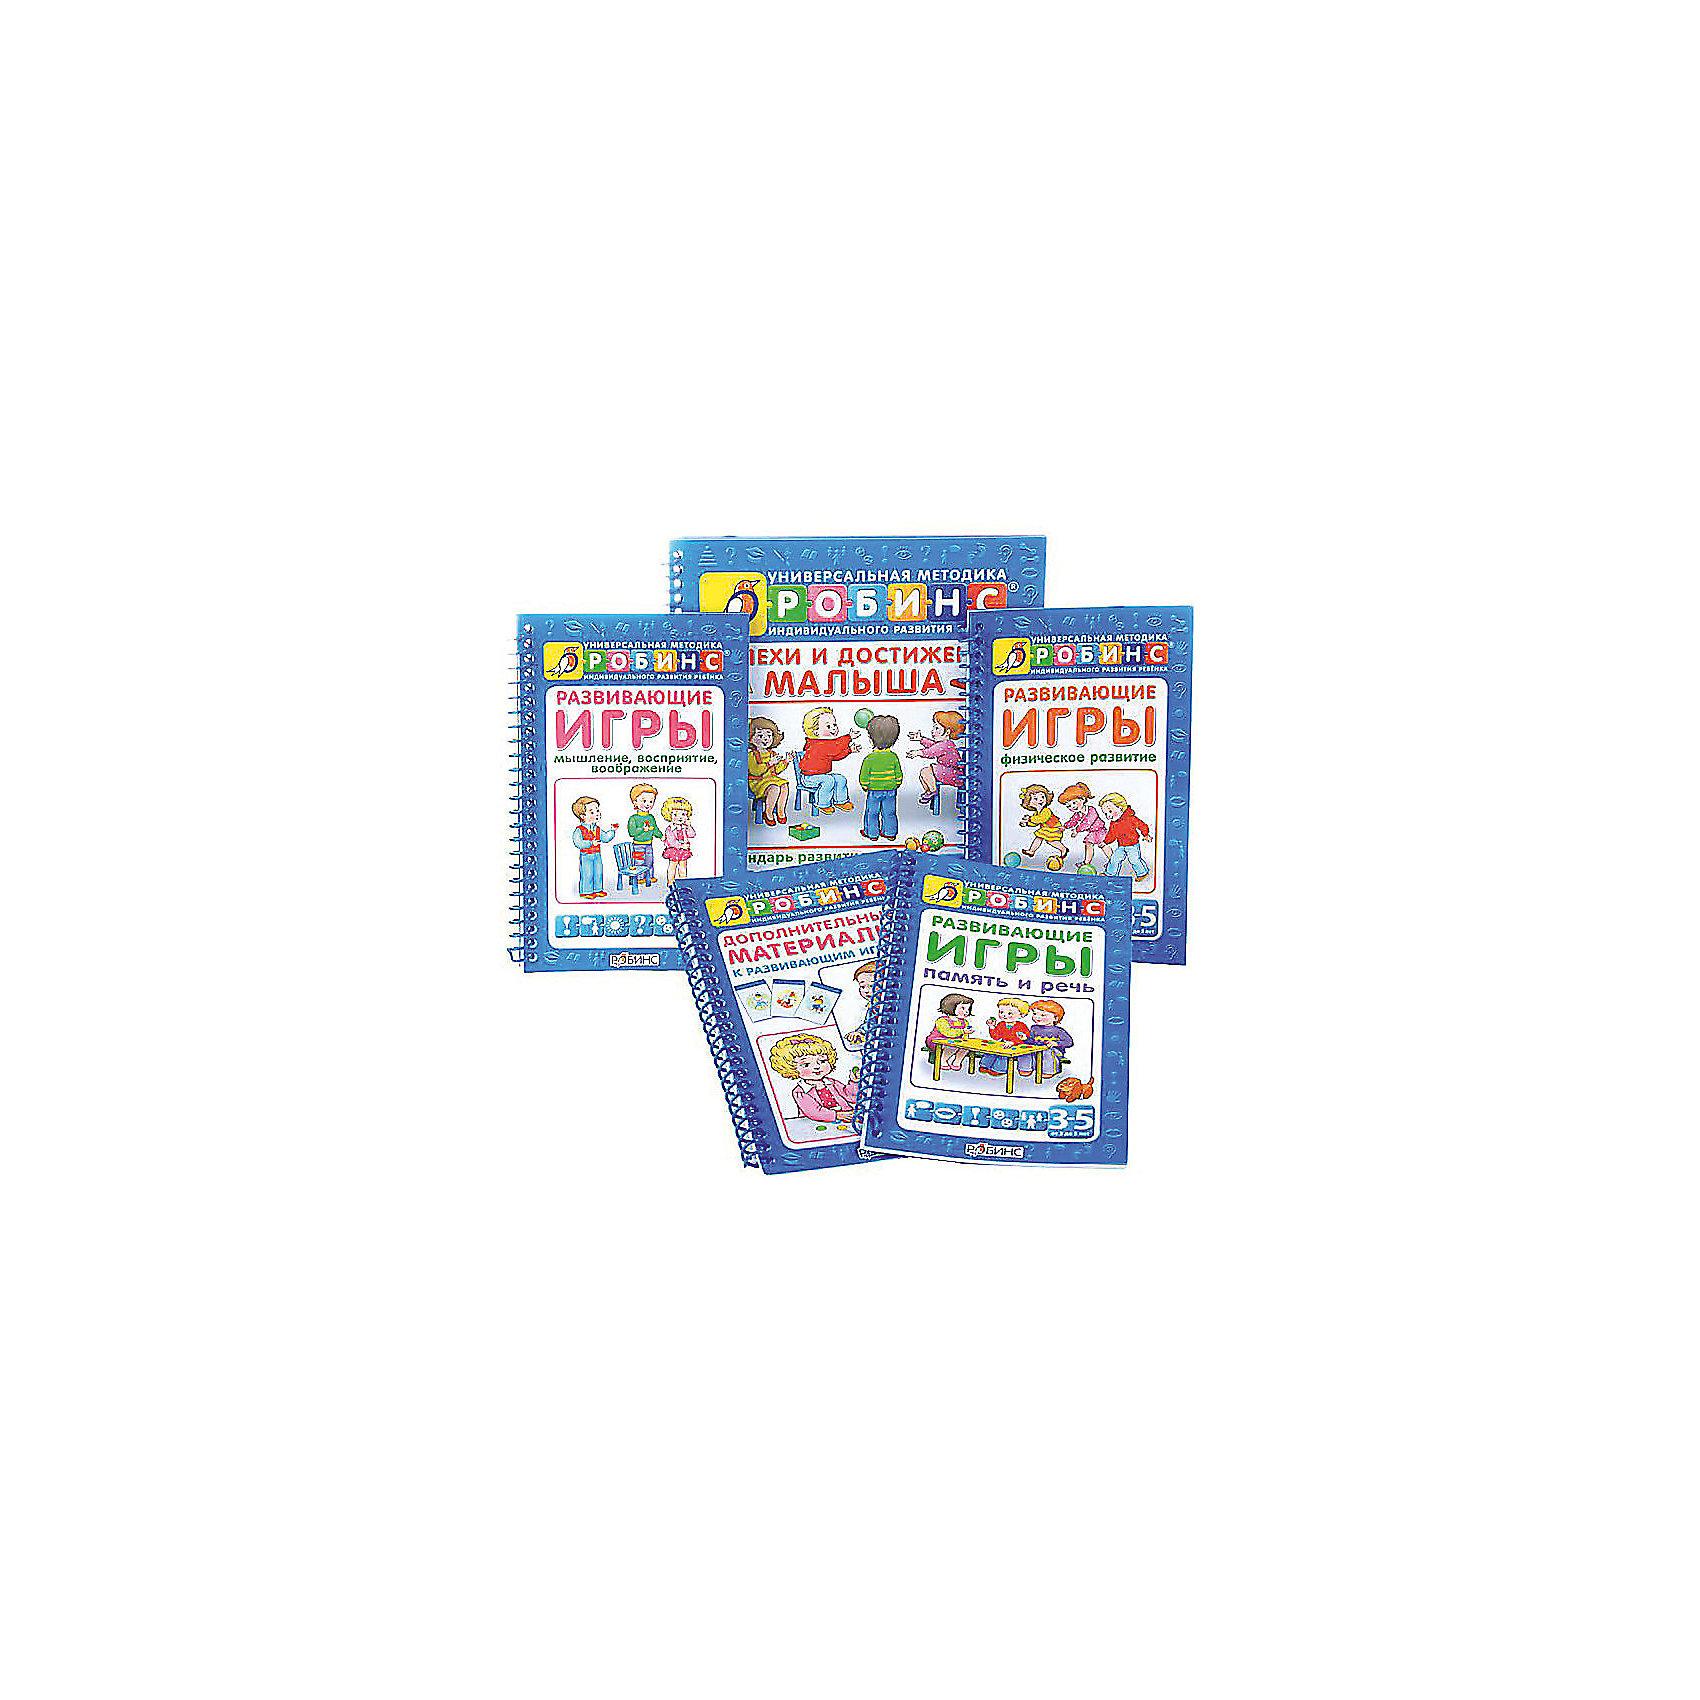 Комплект из 5 книг Развитие ребенка от 3 до 5 летДетская психология и здоровье<br>Развитие ребёнка от 3 до 5 лет - обучающий и игровой набор для родителей и детей. Внутри Вы найдёте: календарь развития, методические рекомендации, комплекты полезных игр для физического и интеллектуального развития. Используя набор Развитие ребёнка от 3 до 5 лет, Вы достигнете больших успехов в воспитании малыша.<br><br>Ширина мм: 280<br>Глубина мм: 220<br>Высота мм: 10<br>Вес г: 280<br>Возраст от месяцев: 36<br>Возраст до месяцев: 84<br>Пол: Унисекс<br>Возраст: Детский<br>SKU: 5034159